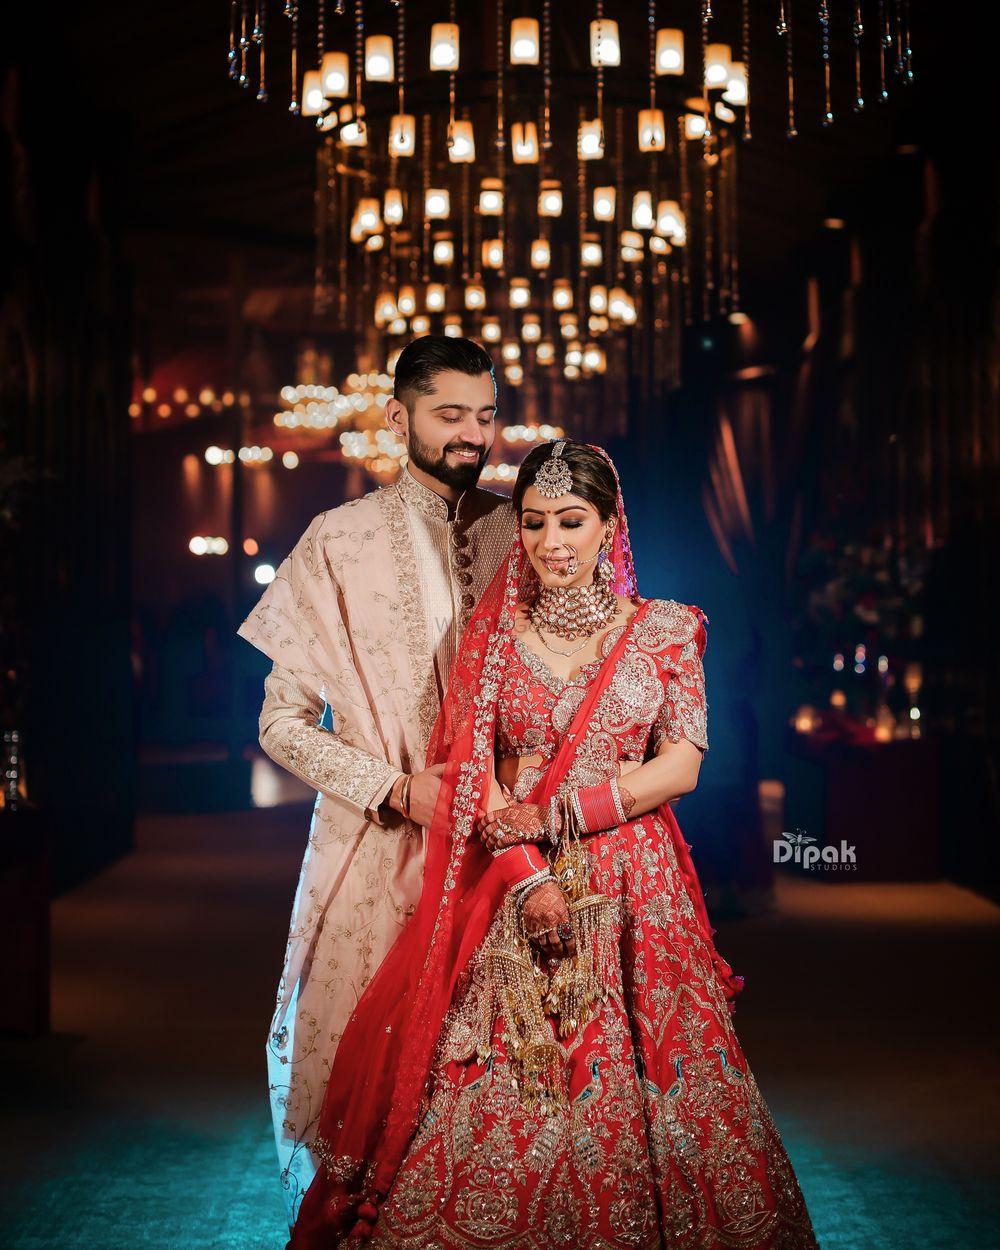 Photo From Rahul & Amrita - By Dipak Studios